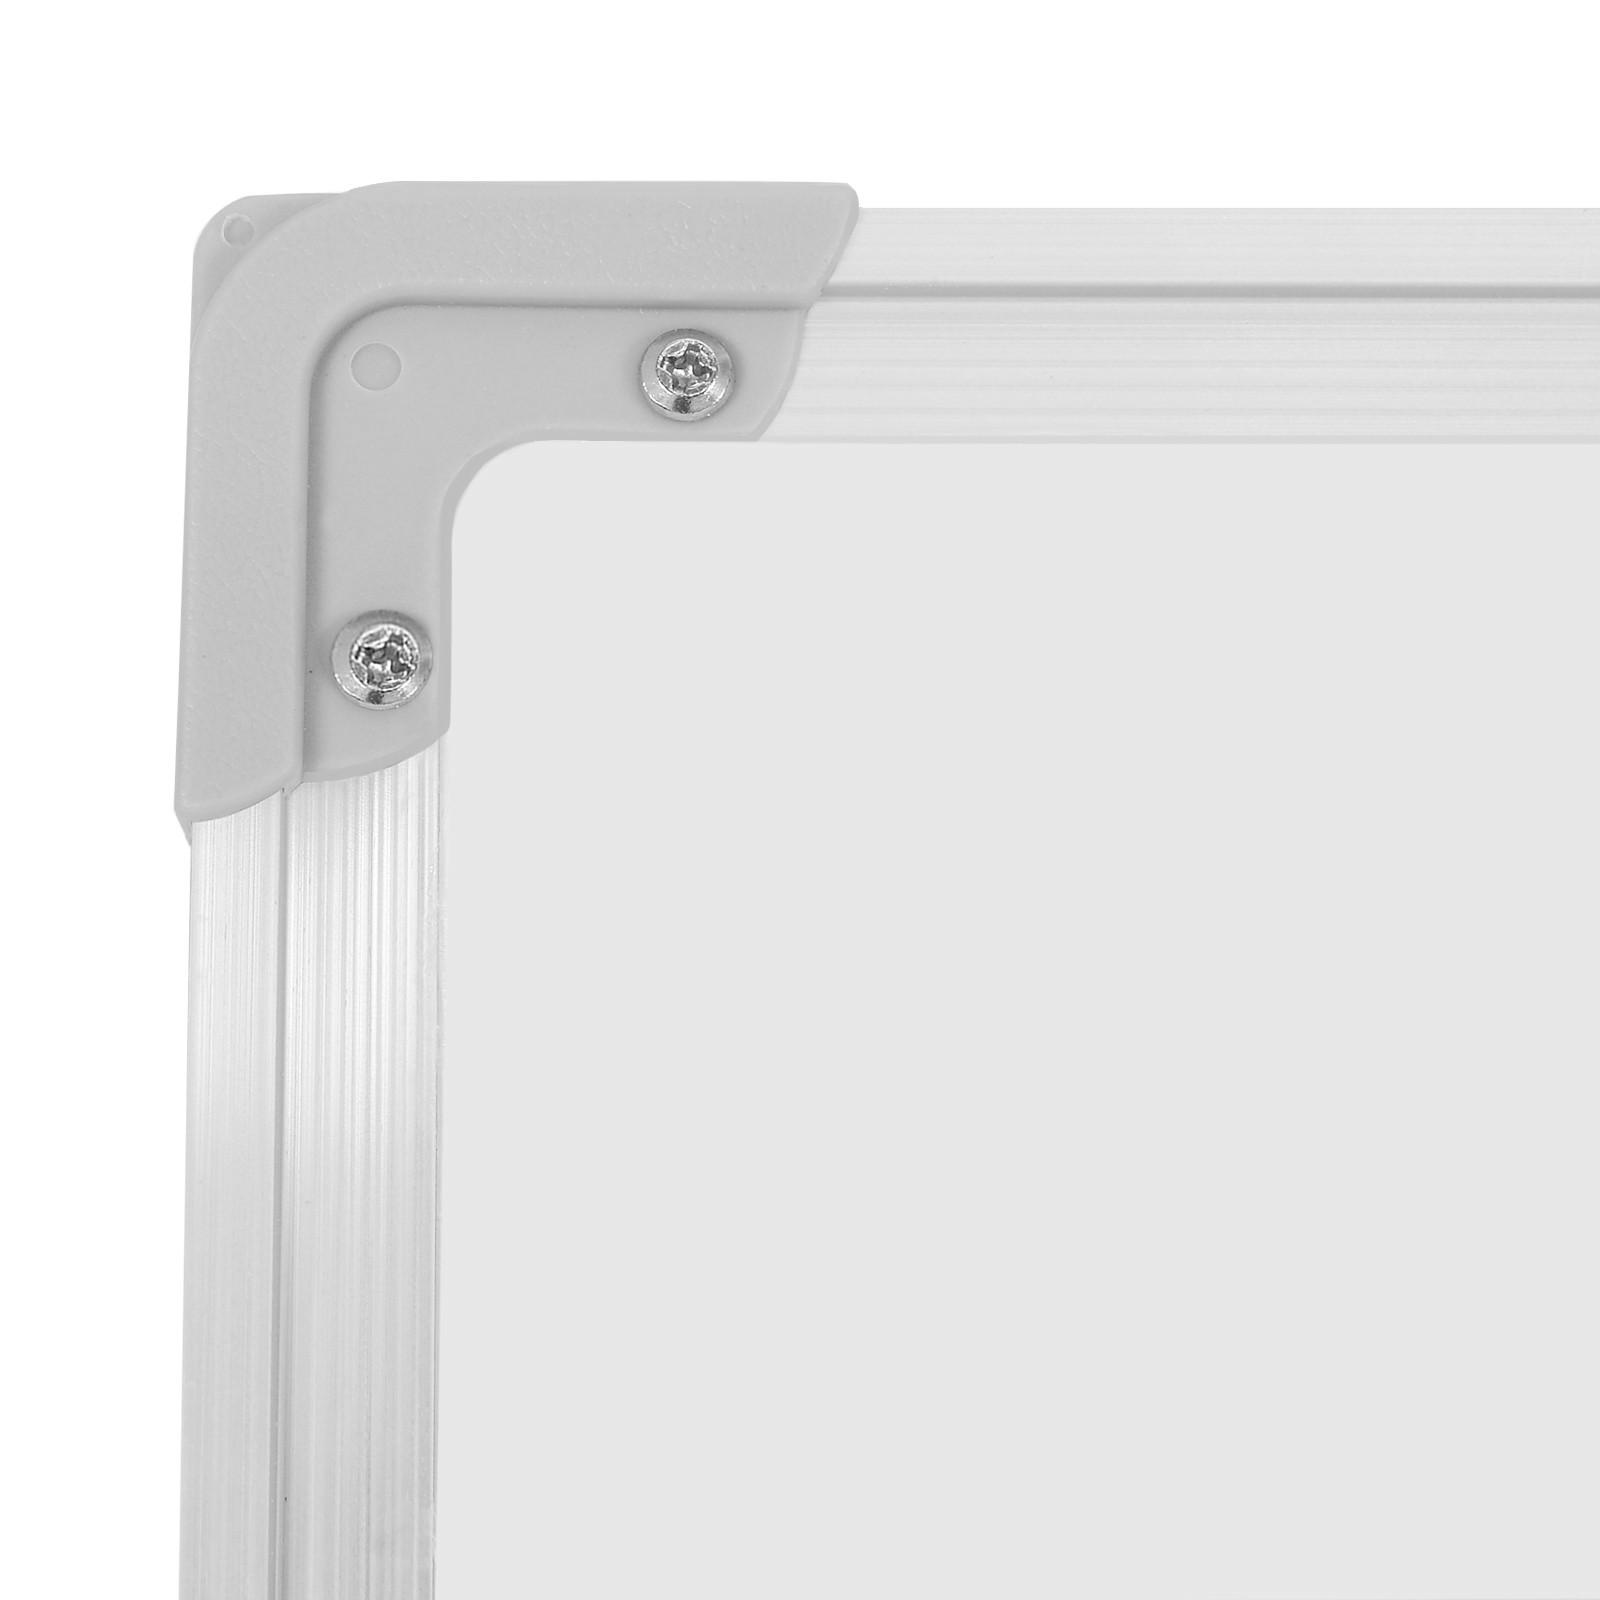 Wei/ß drehrbar Magnetwand Magnetboard rollbar Gr/ö/ßenwahl Magnettafel Stiftablage 110x75 cm Marker Whiteboard magnetisch beschreibbar Schwamm Set inkl Stativdrehtafel Alurahmen mobil